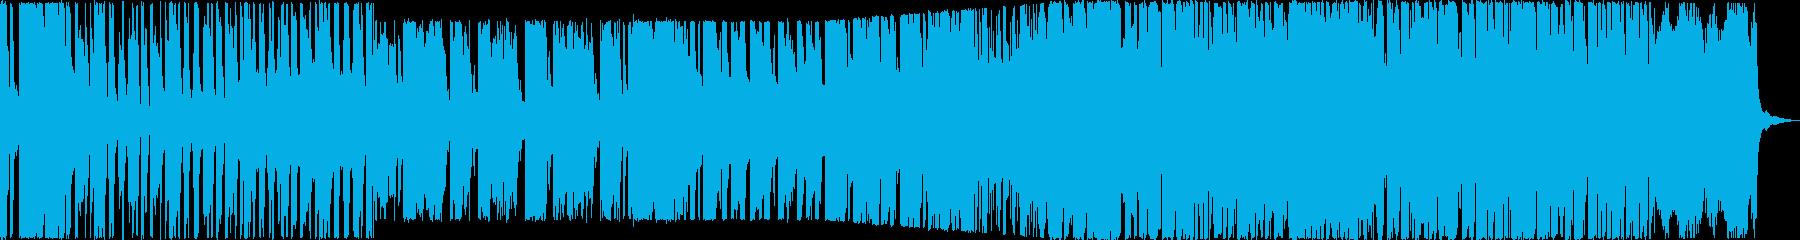 お洒落系ゲームBGMの再生済みの波形